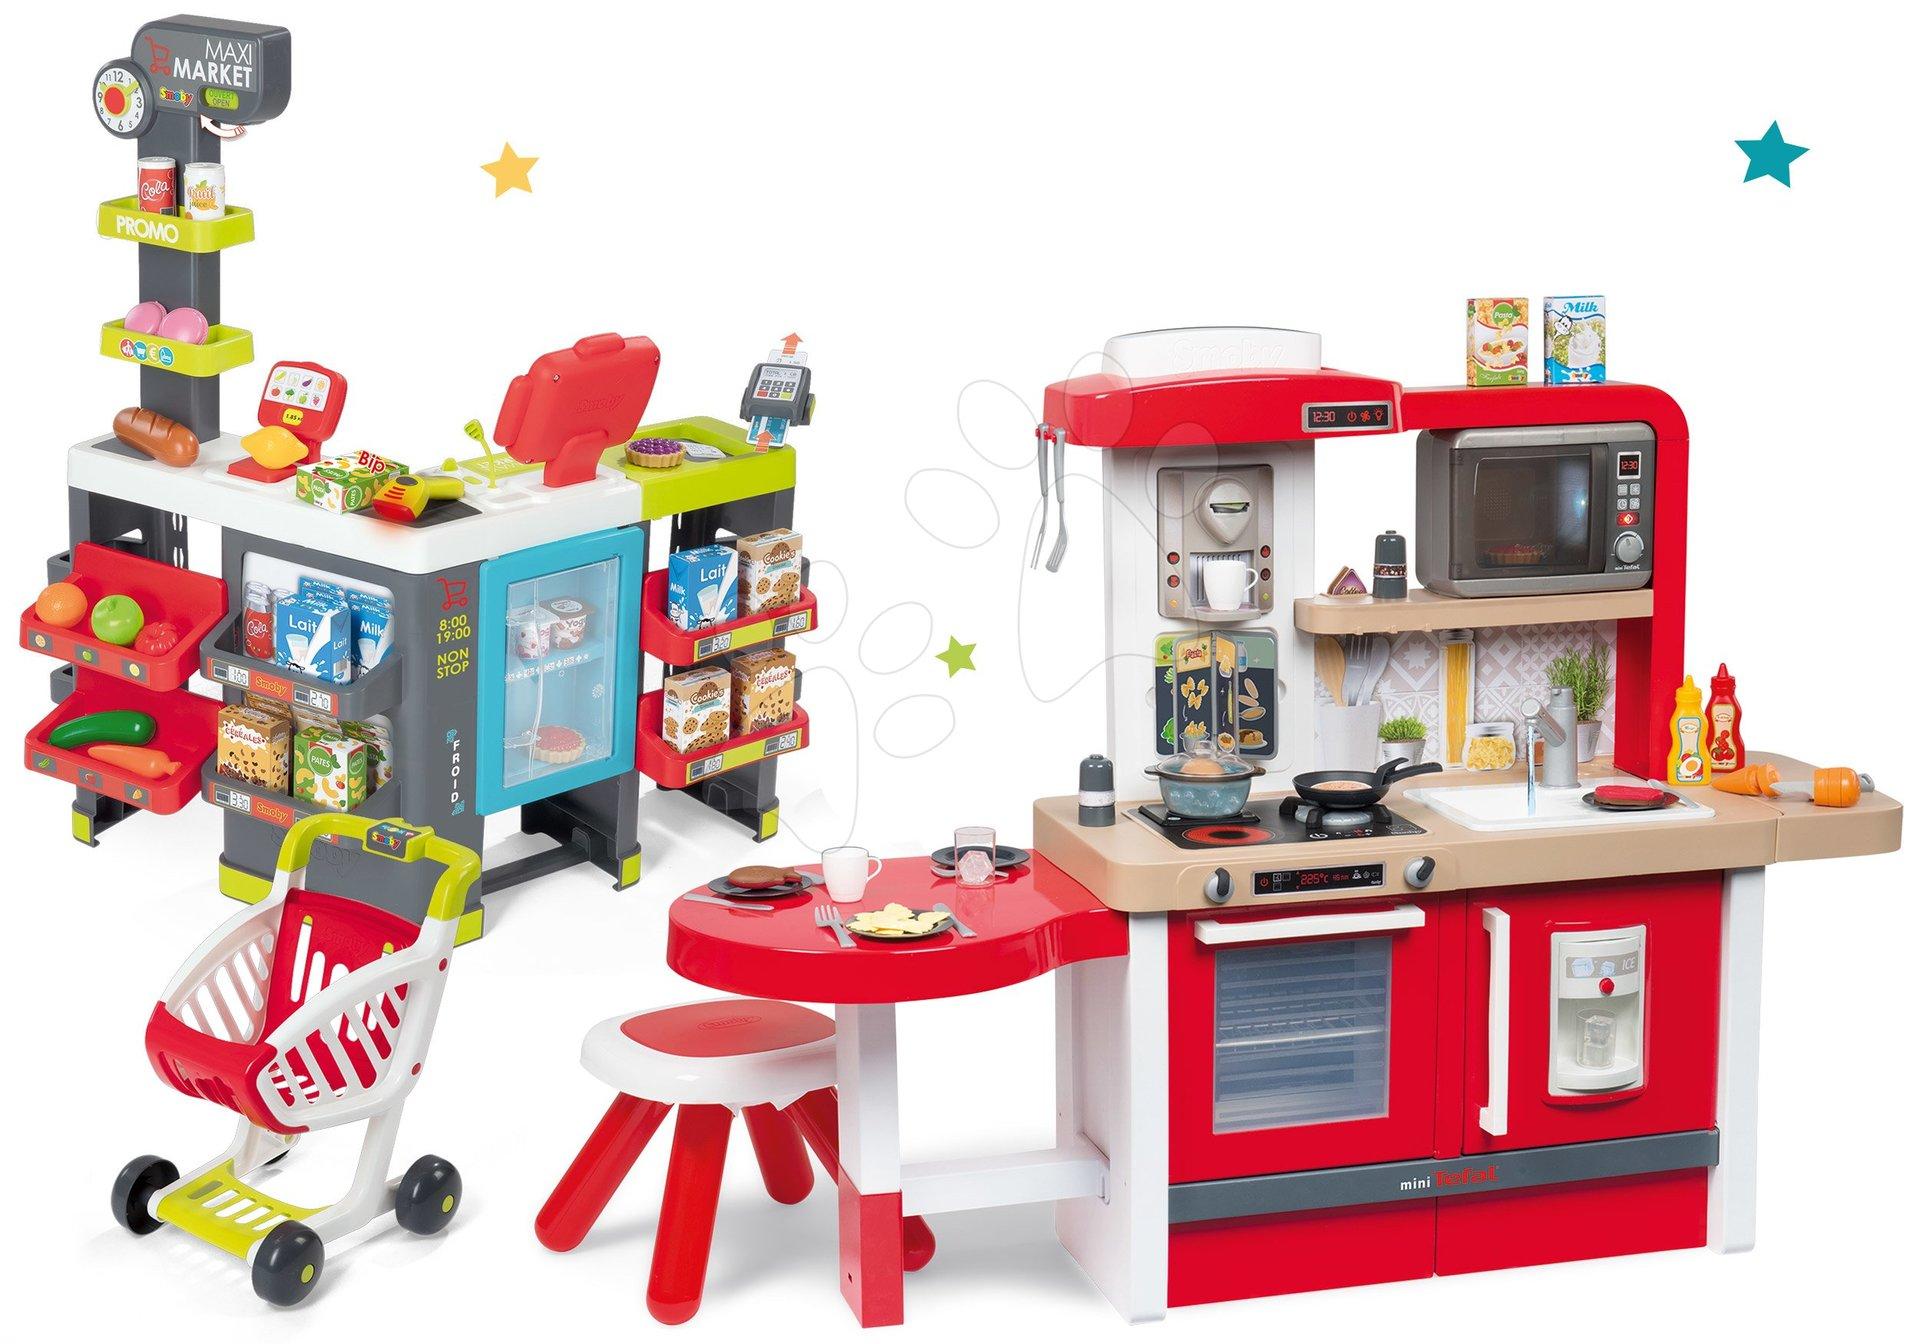 Set kuchynka rastúca s tečúcou vodou a mikrovlnkou Tefal Evolutive Smoby a obchod Maxi Market s elektronickými funkciami